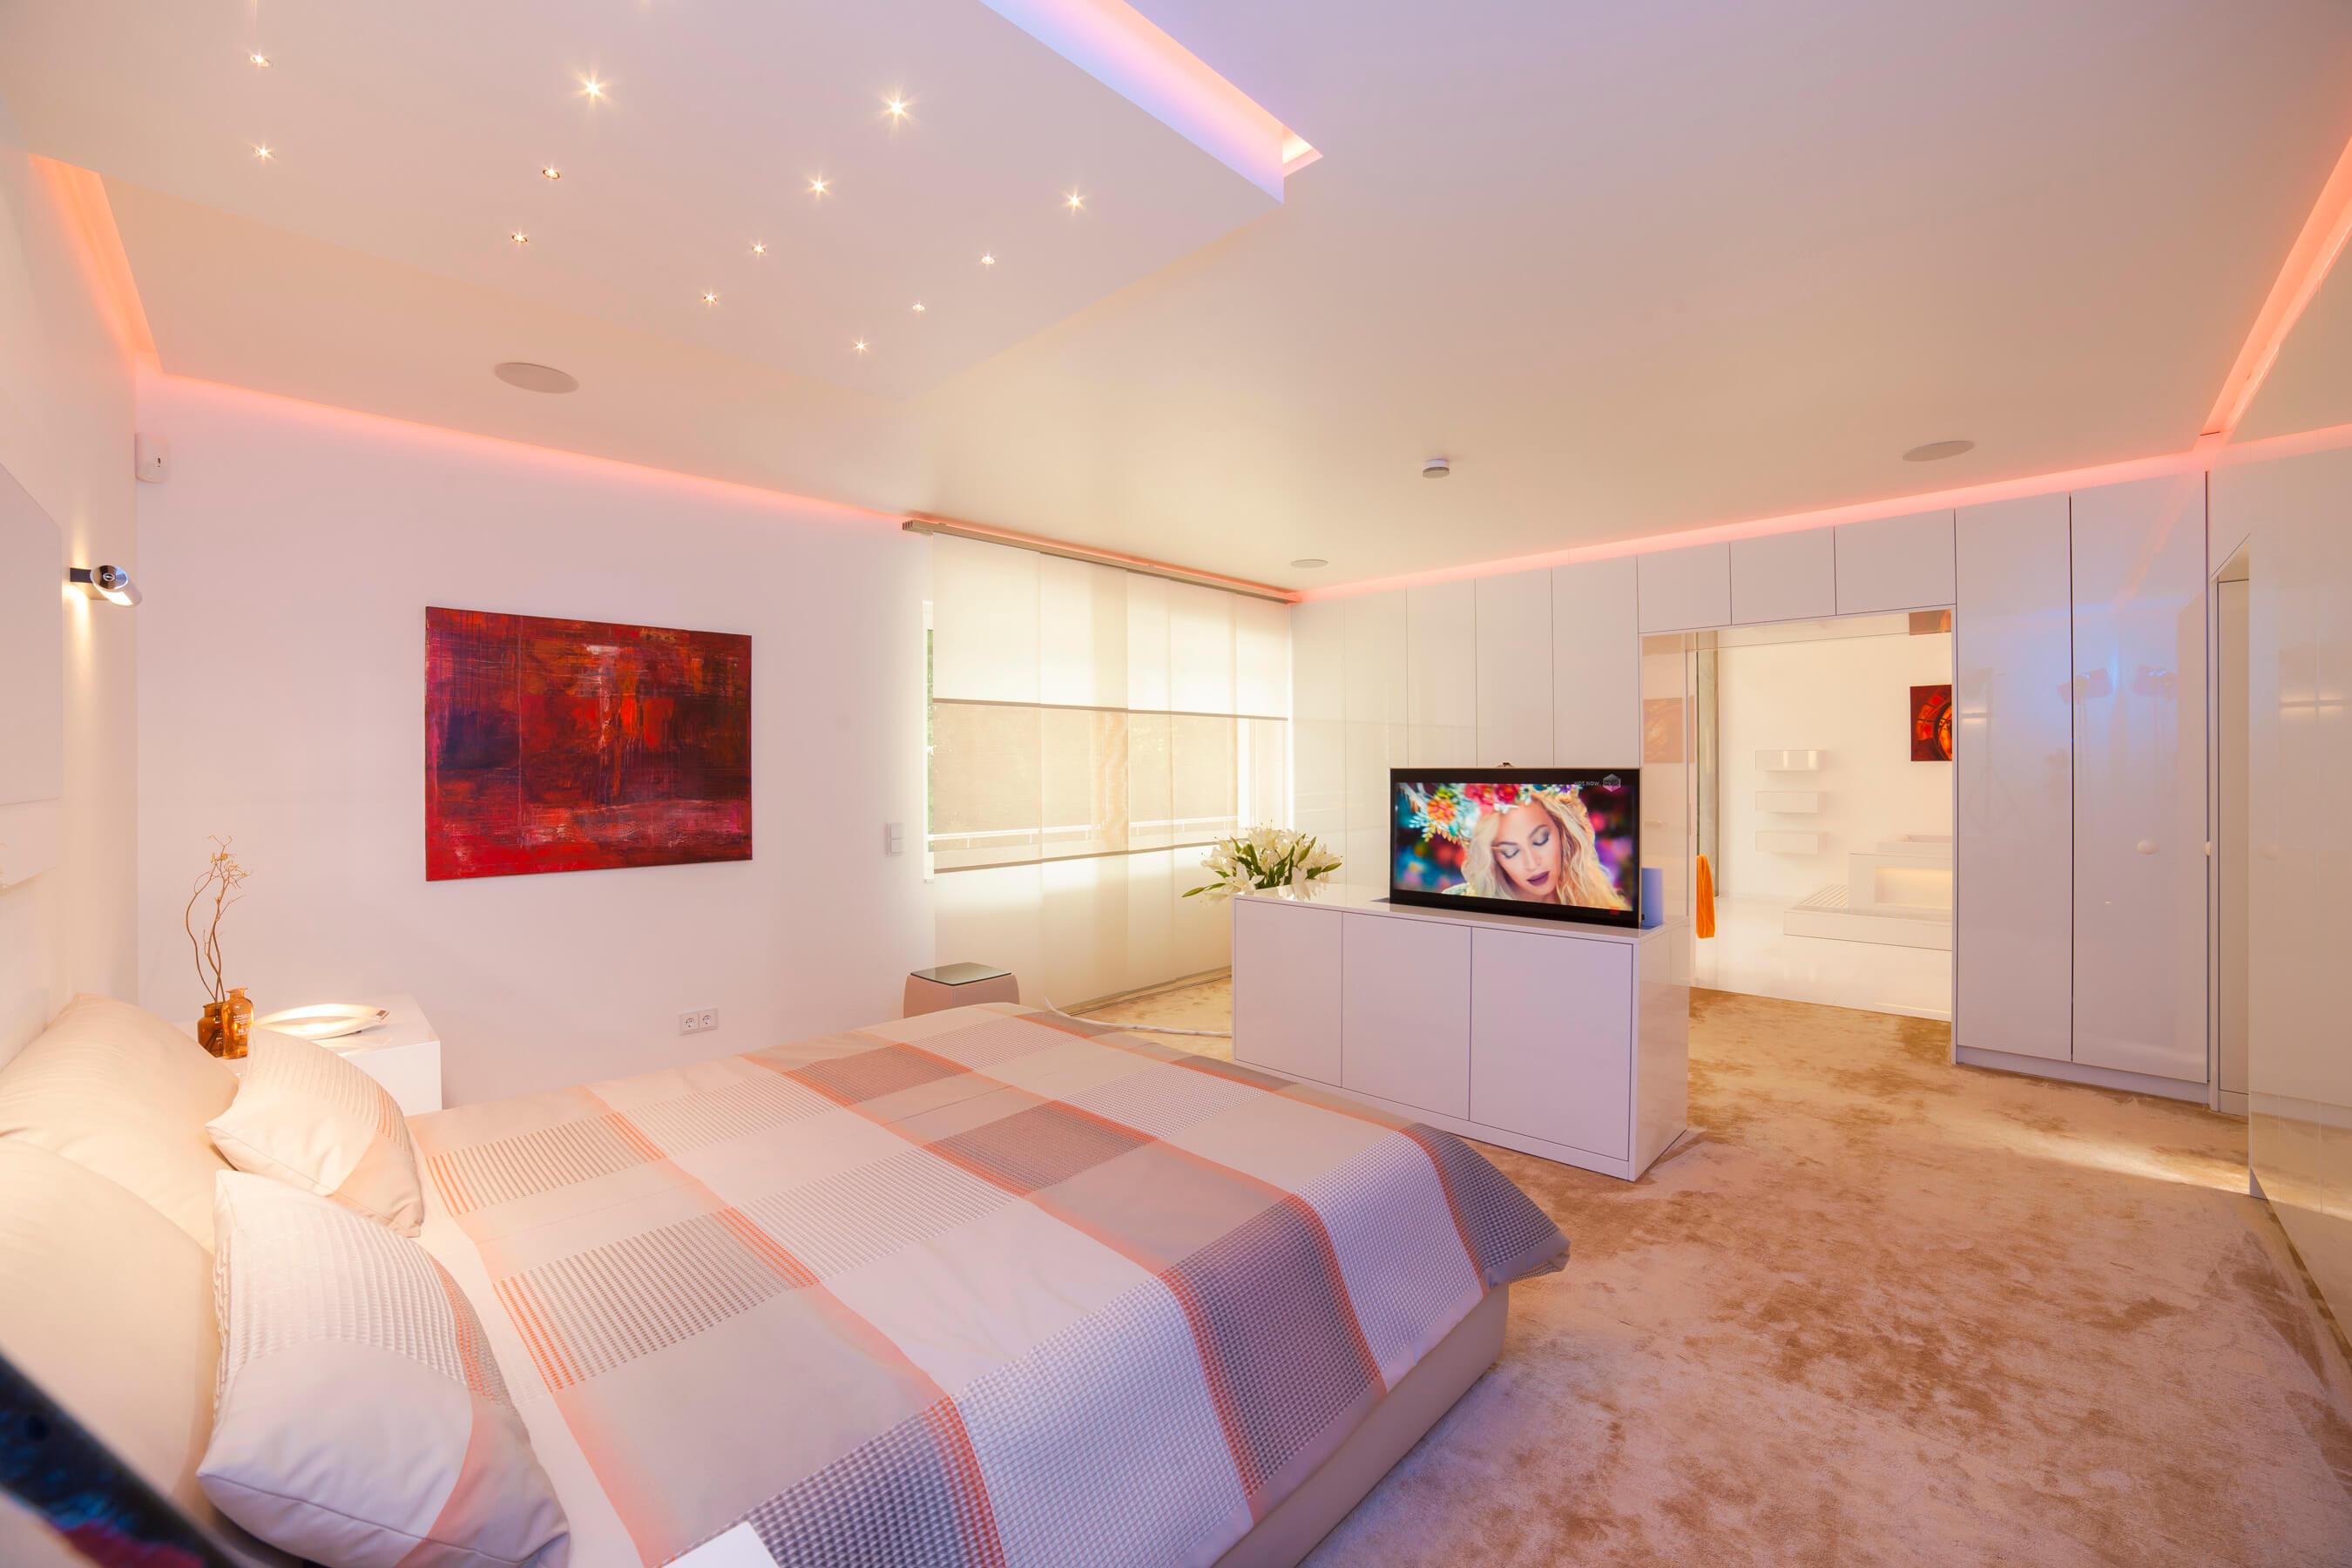 Moderne Schlafzimmer Schlafzimmer  Design By Torsten Mueller Aus Bad Honnef Naehe Koeln Bonn Duesseldorf Frankfurt Muenster Sleepingroom